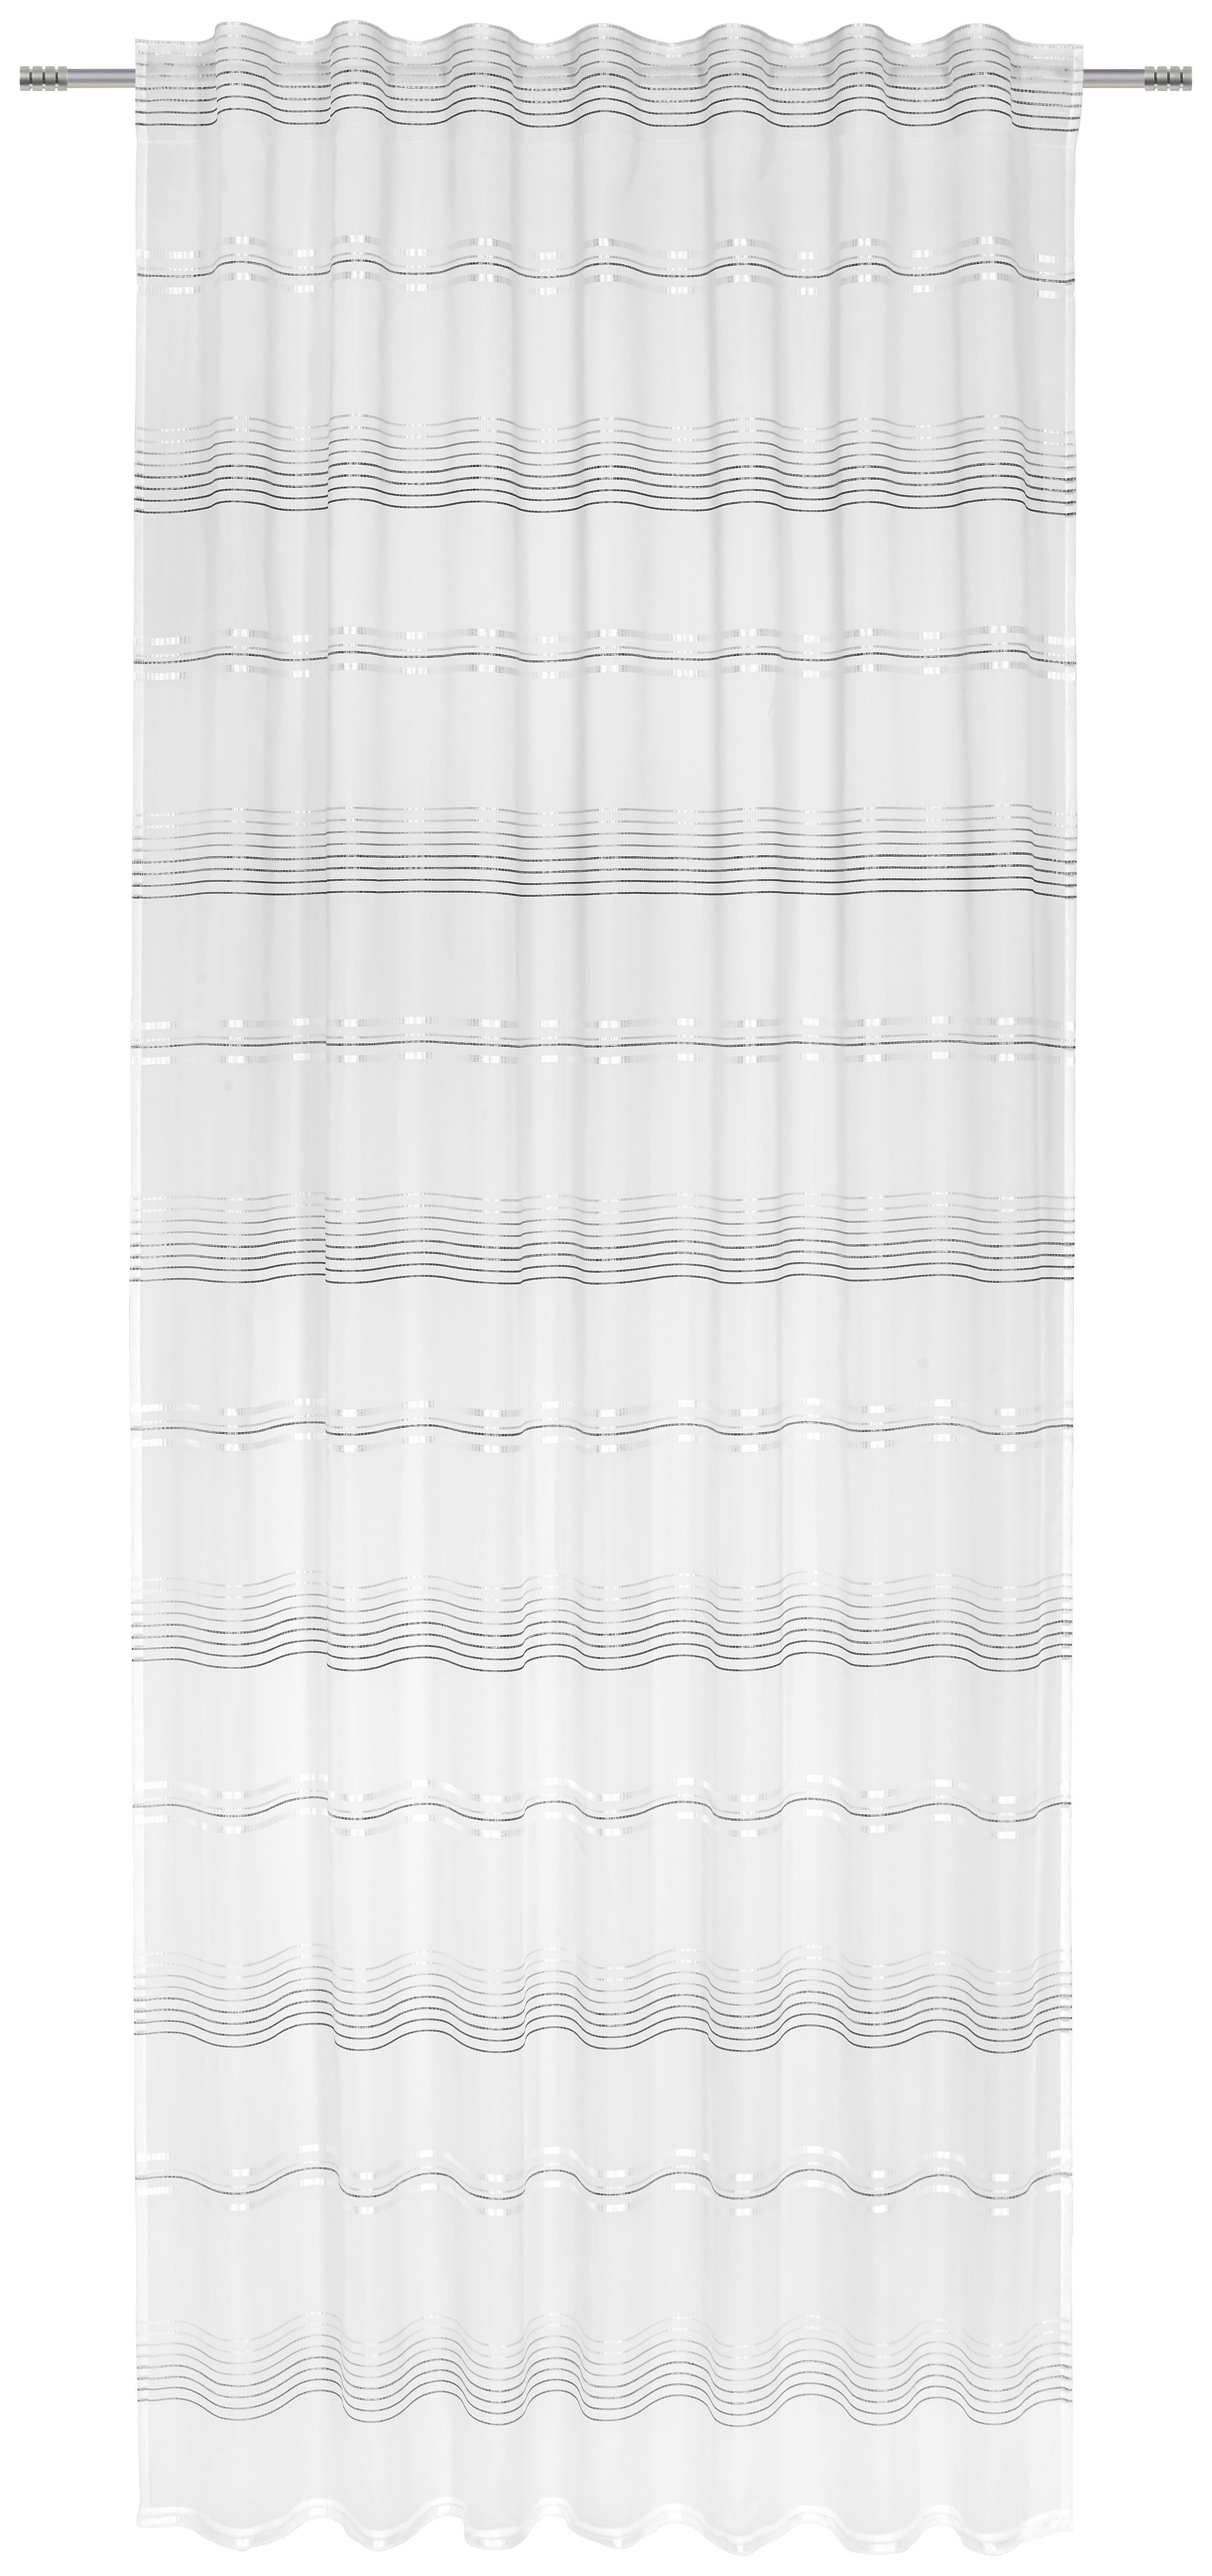 Záves Louis - sivá/biela, Konvenčný, textil (140/245cm) - MÖMAX modern living